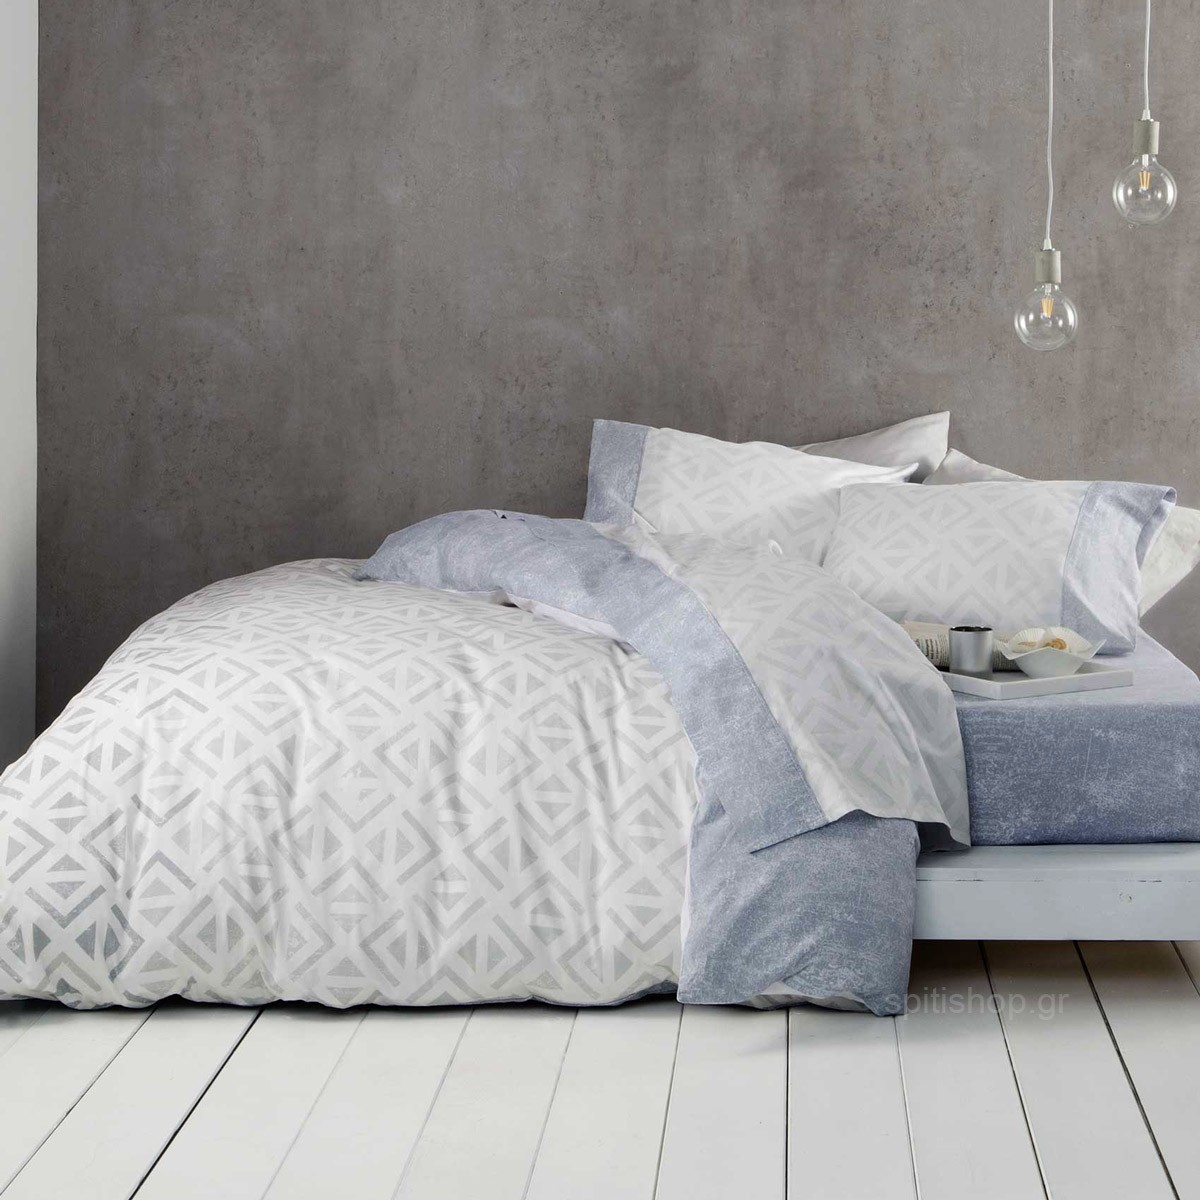 Σεντόνια King Size (Σετ) Nima Bed Linen Segio Grey